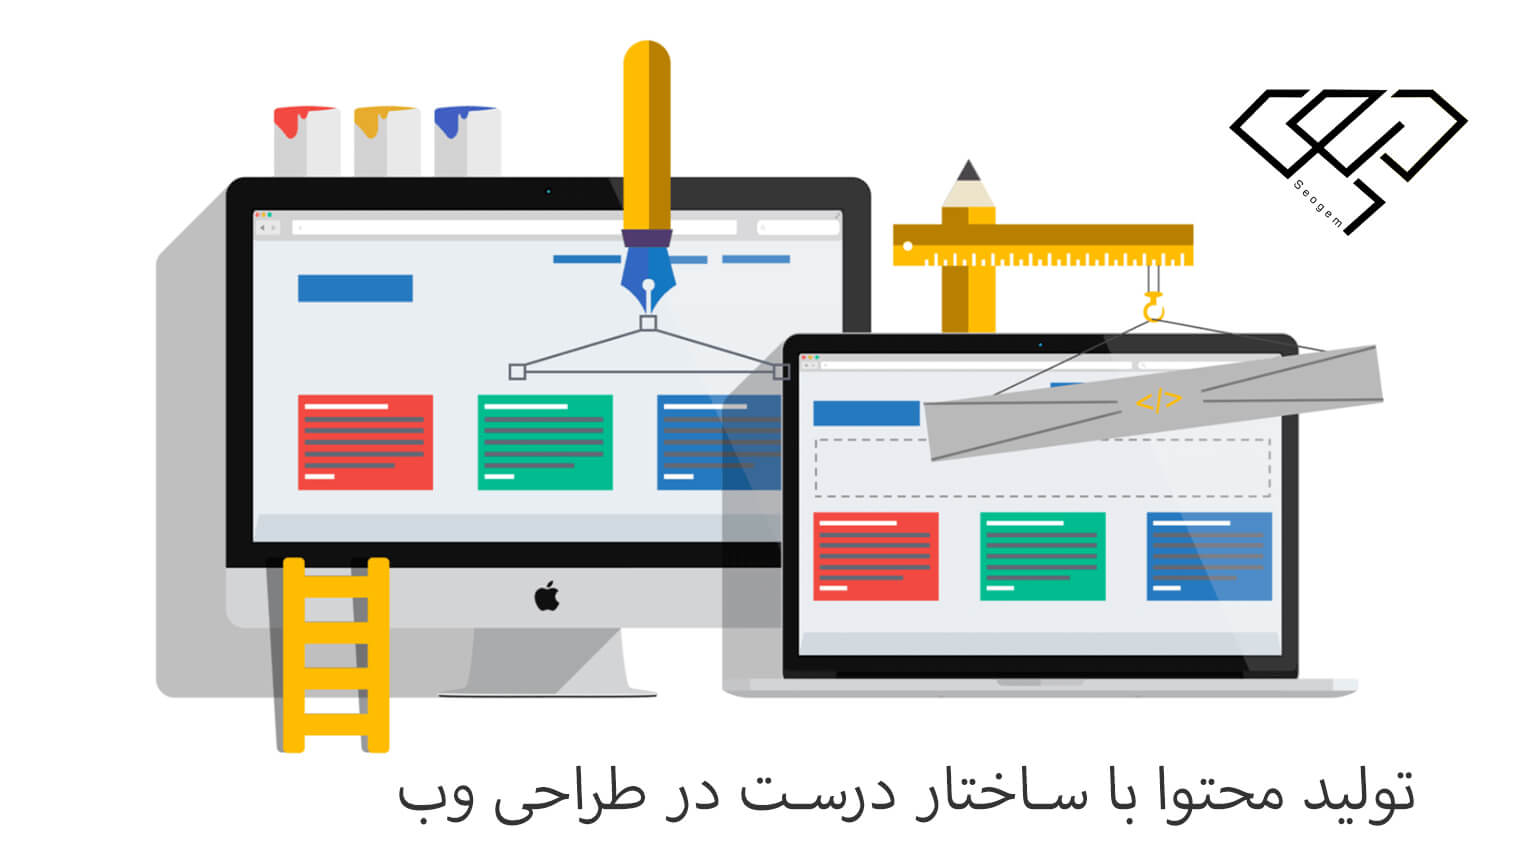 تولید محتوا با ساختار درست در طراحی وب